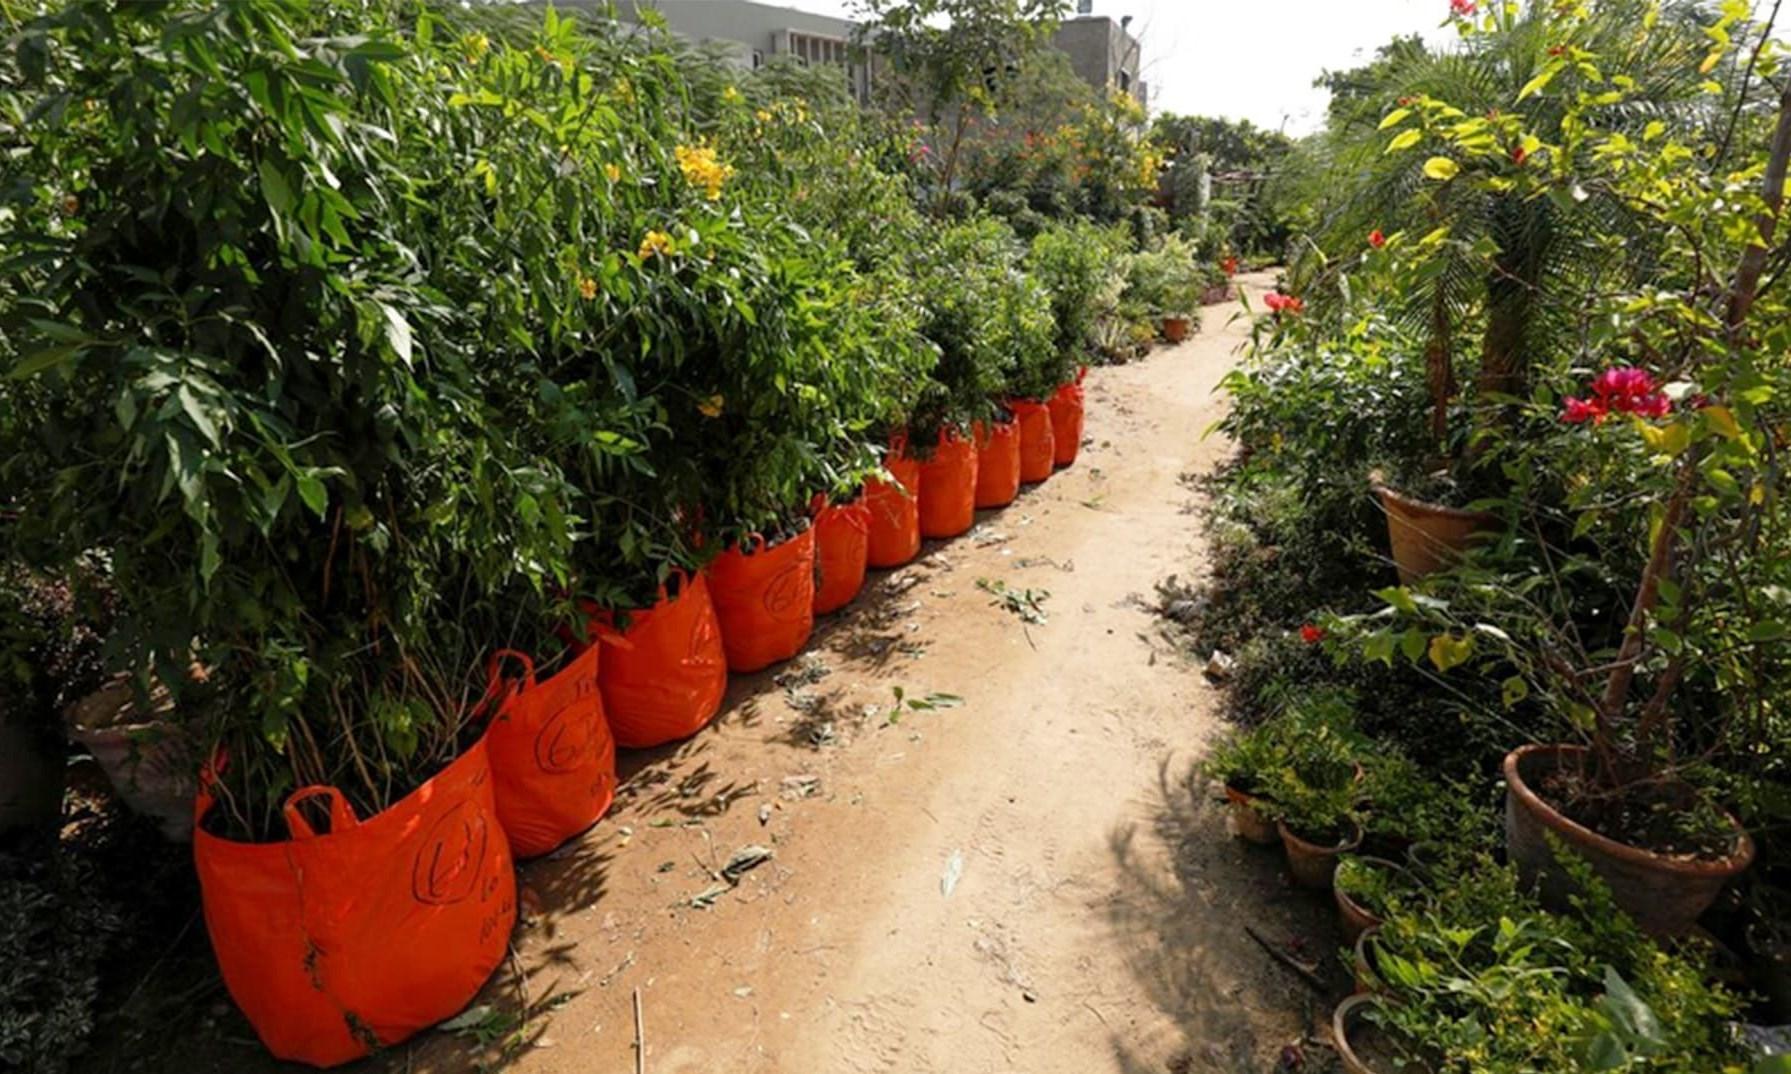 زائری که ۵۰ هزار درخت در مسیر نجف تا کربلا میکارد + تصاویر